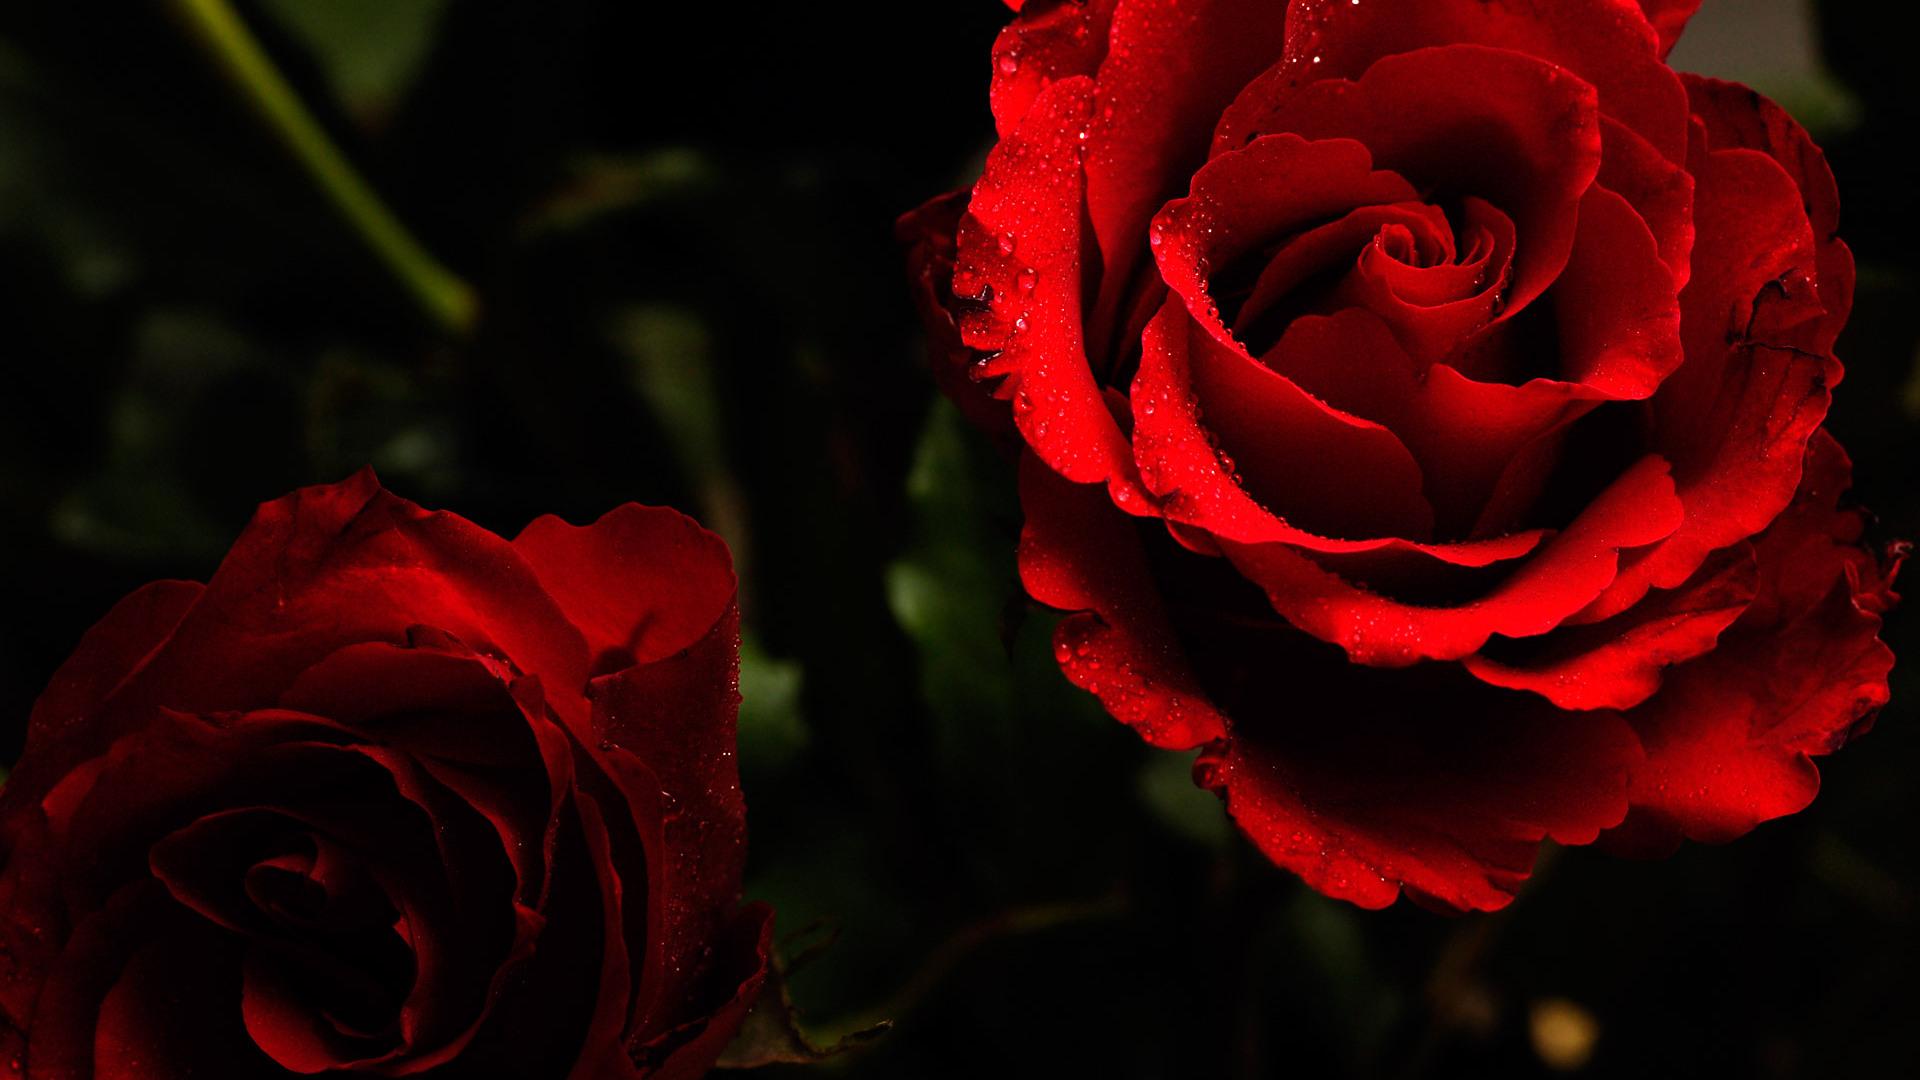 ... Red Flower Wallpaper 7 ...